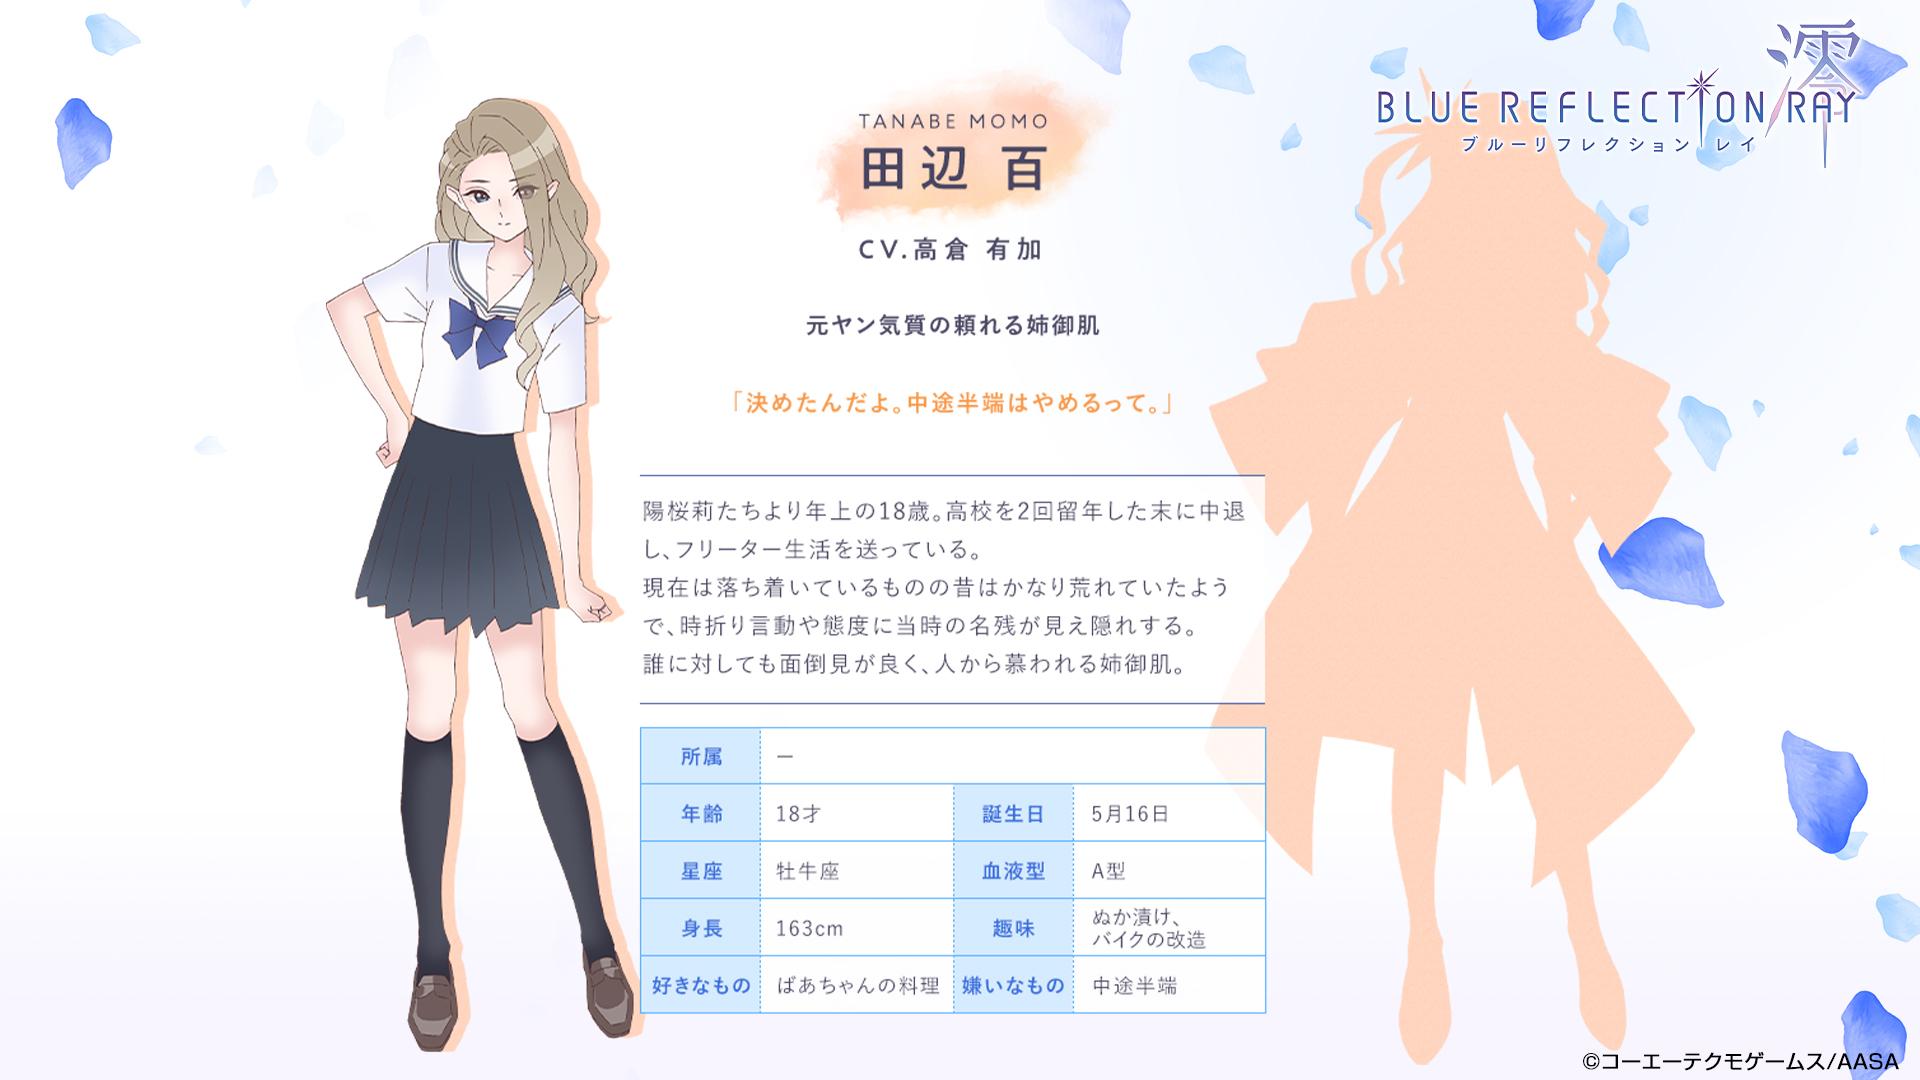 Un escenario de personajes de Momo Tanabe, una chica de secundaria con cabello largo, ondulado y de color claro que está vestida con su uniforme escolar, del próximo anime BLUE REFLECTION RAY / Mio TV.